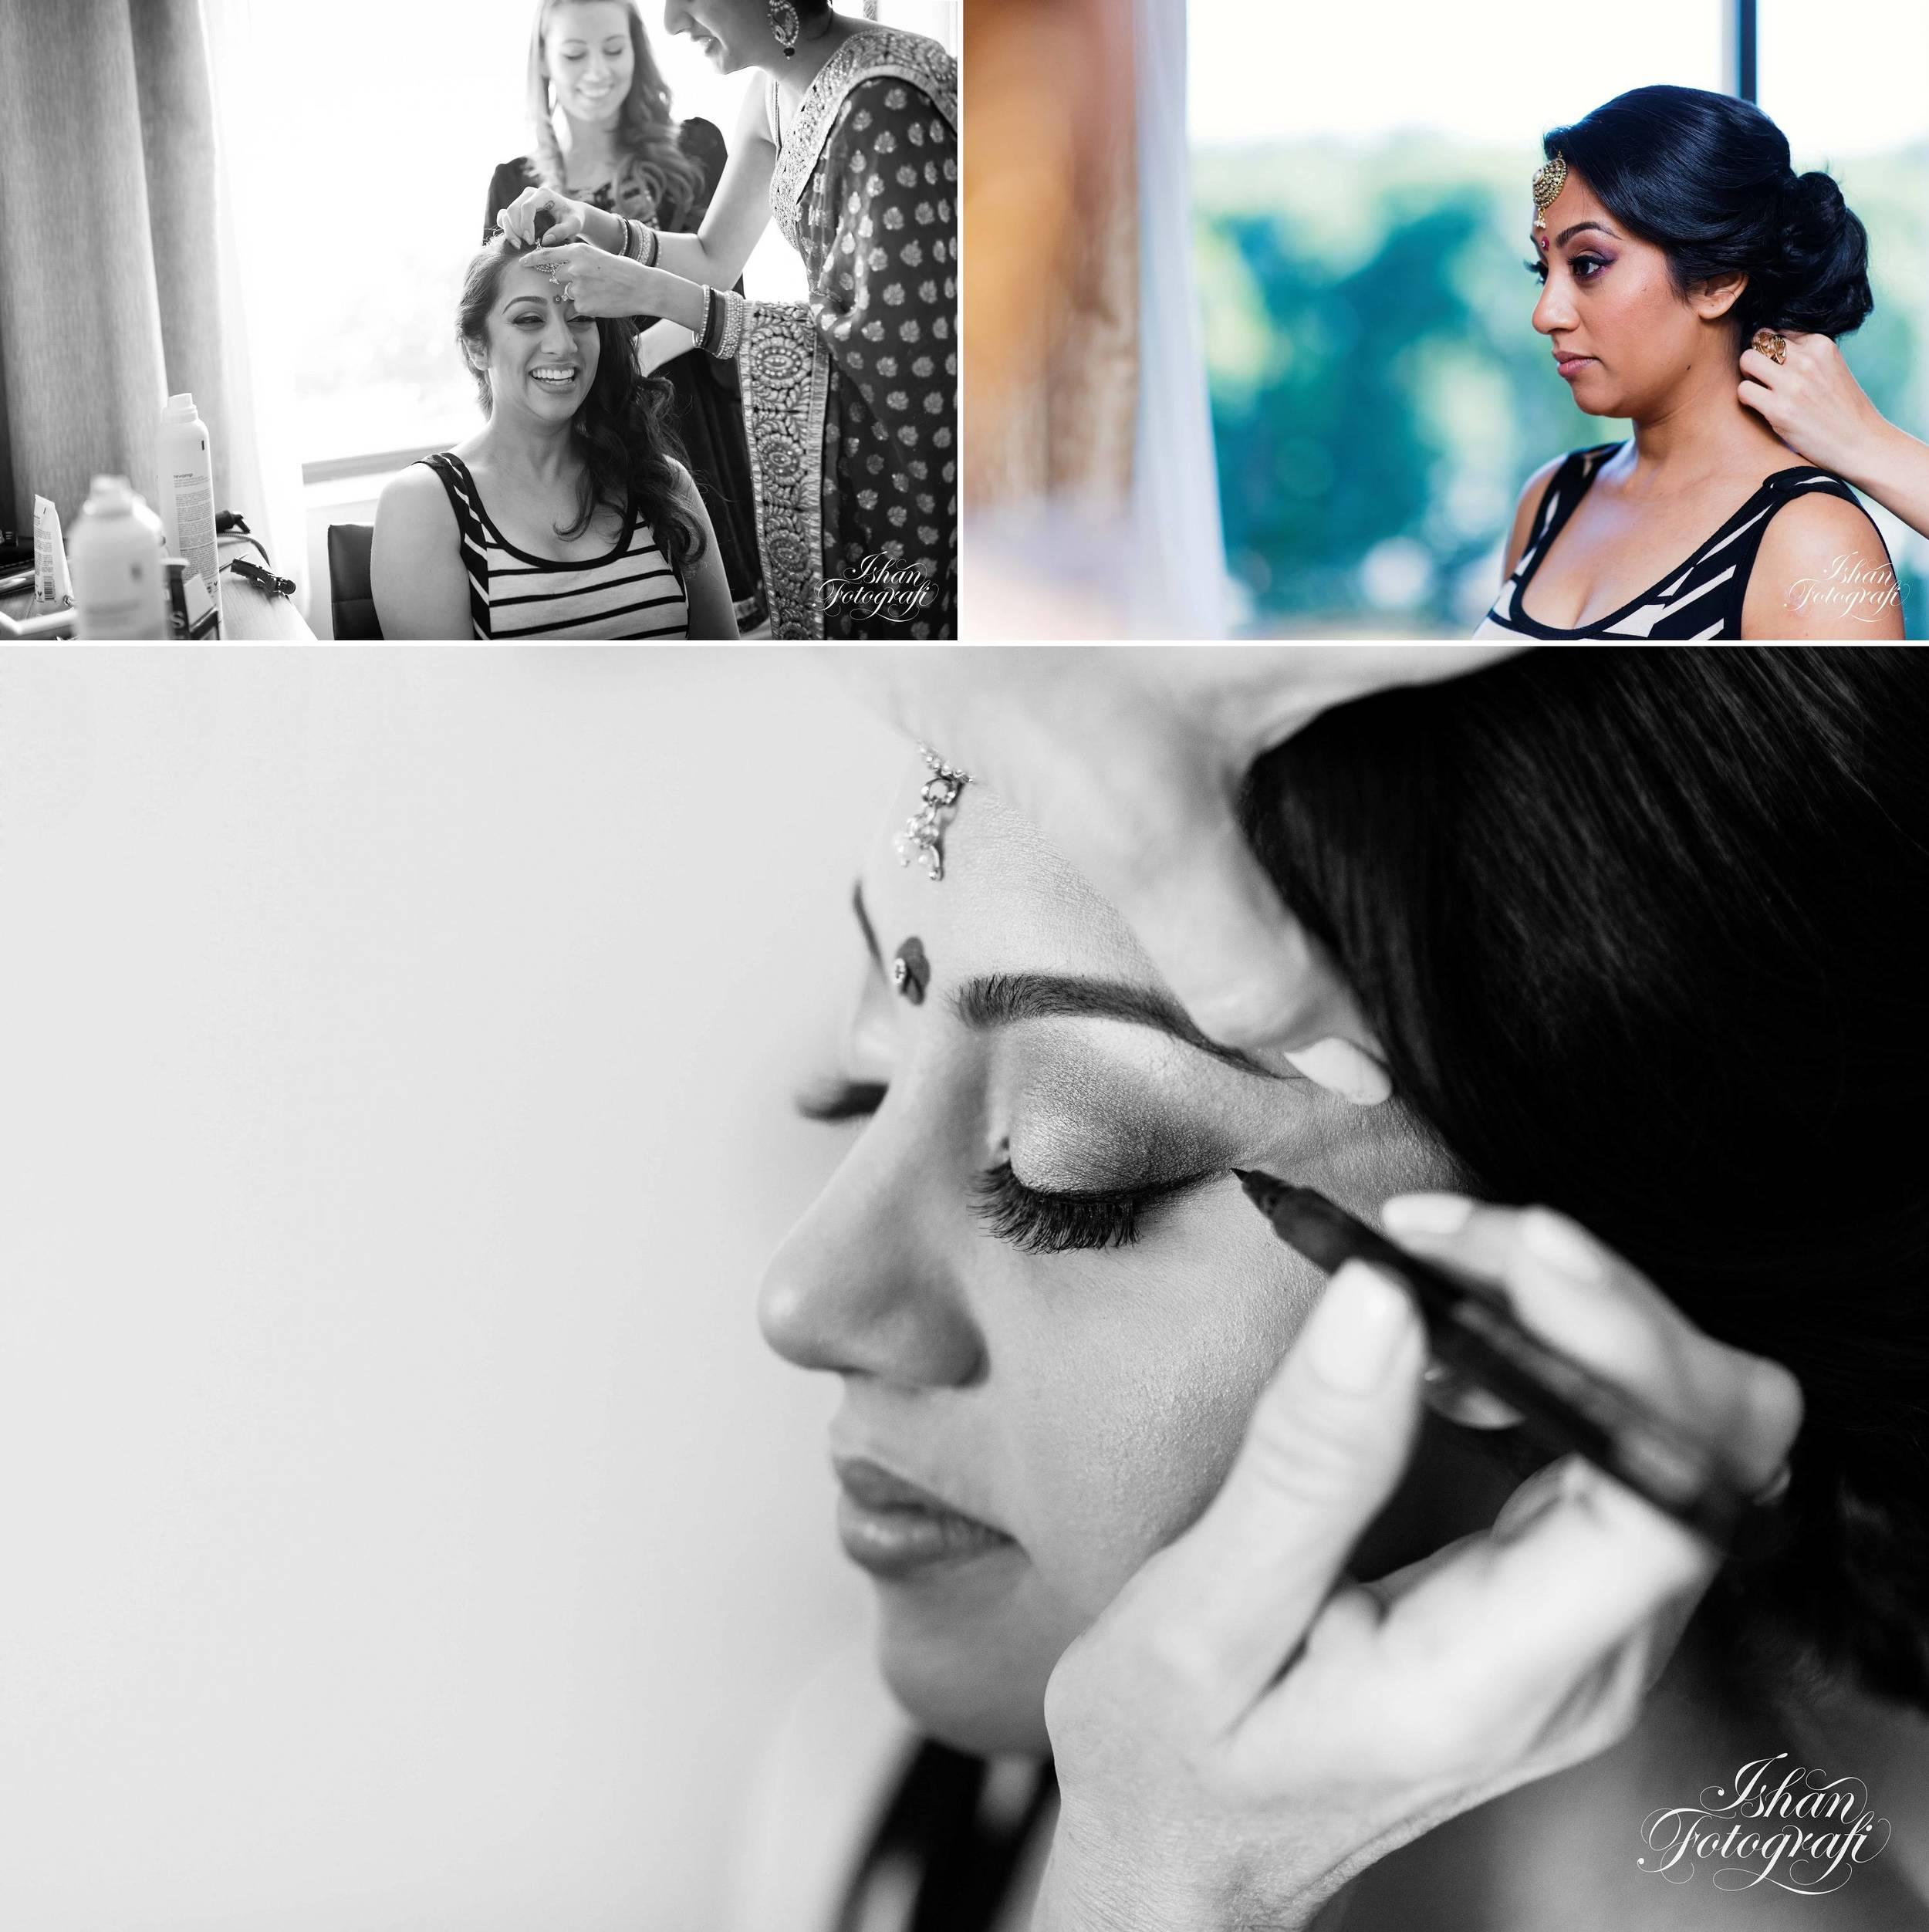 indian-bride-getting-ready-nj.jpg